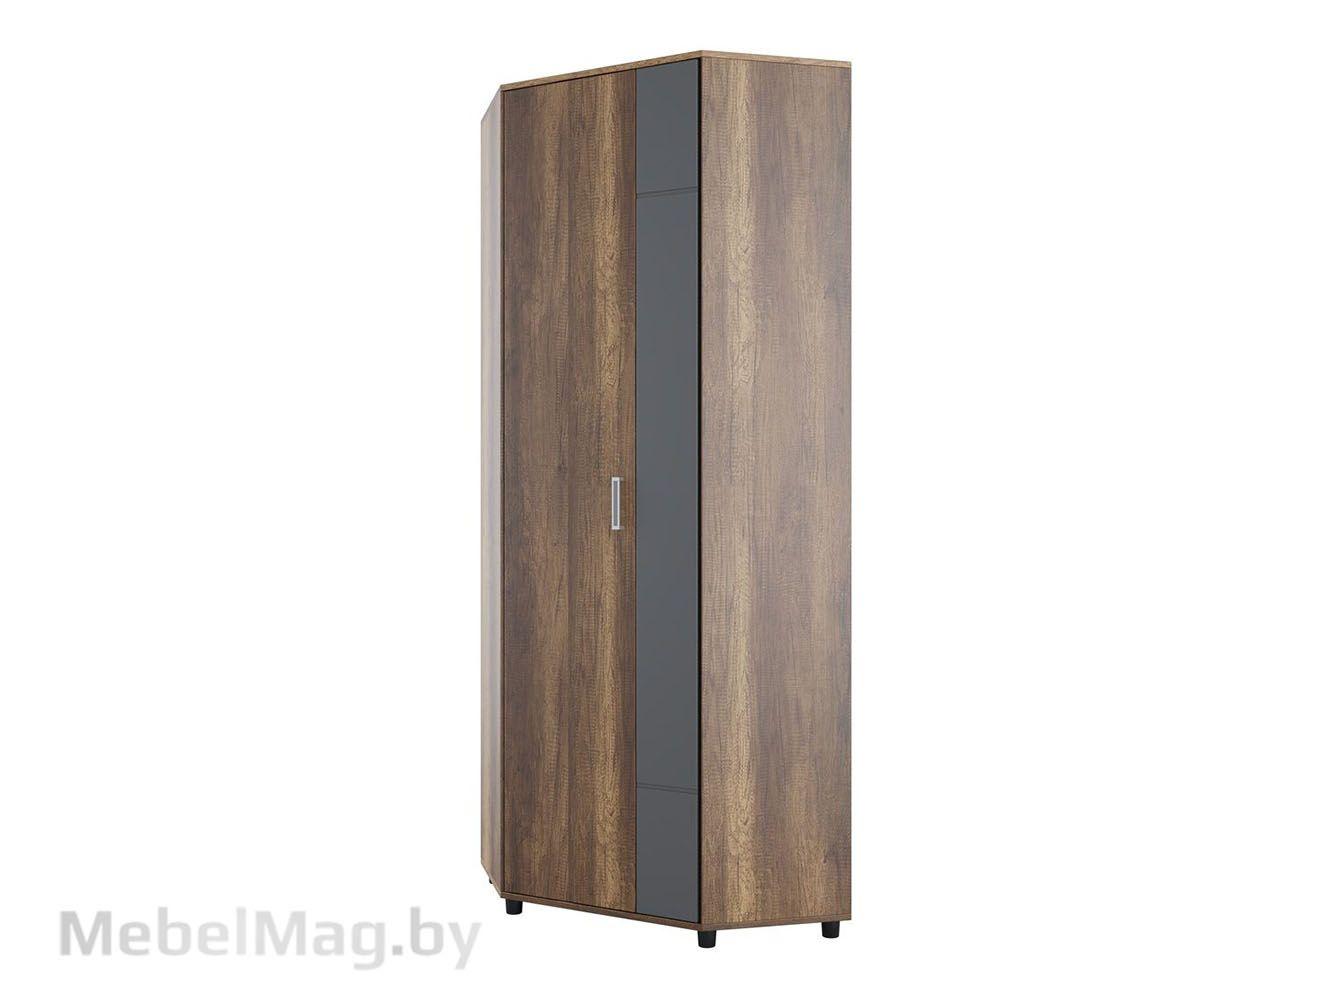 Шкаф угловой Дуб Каньон/МДФ серый - Коллекция Визит 1